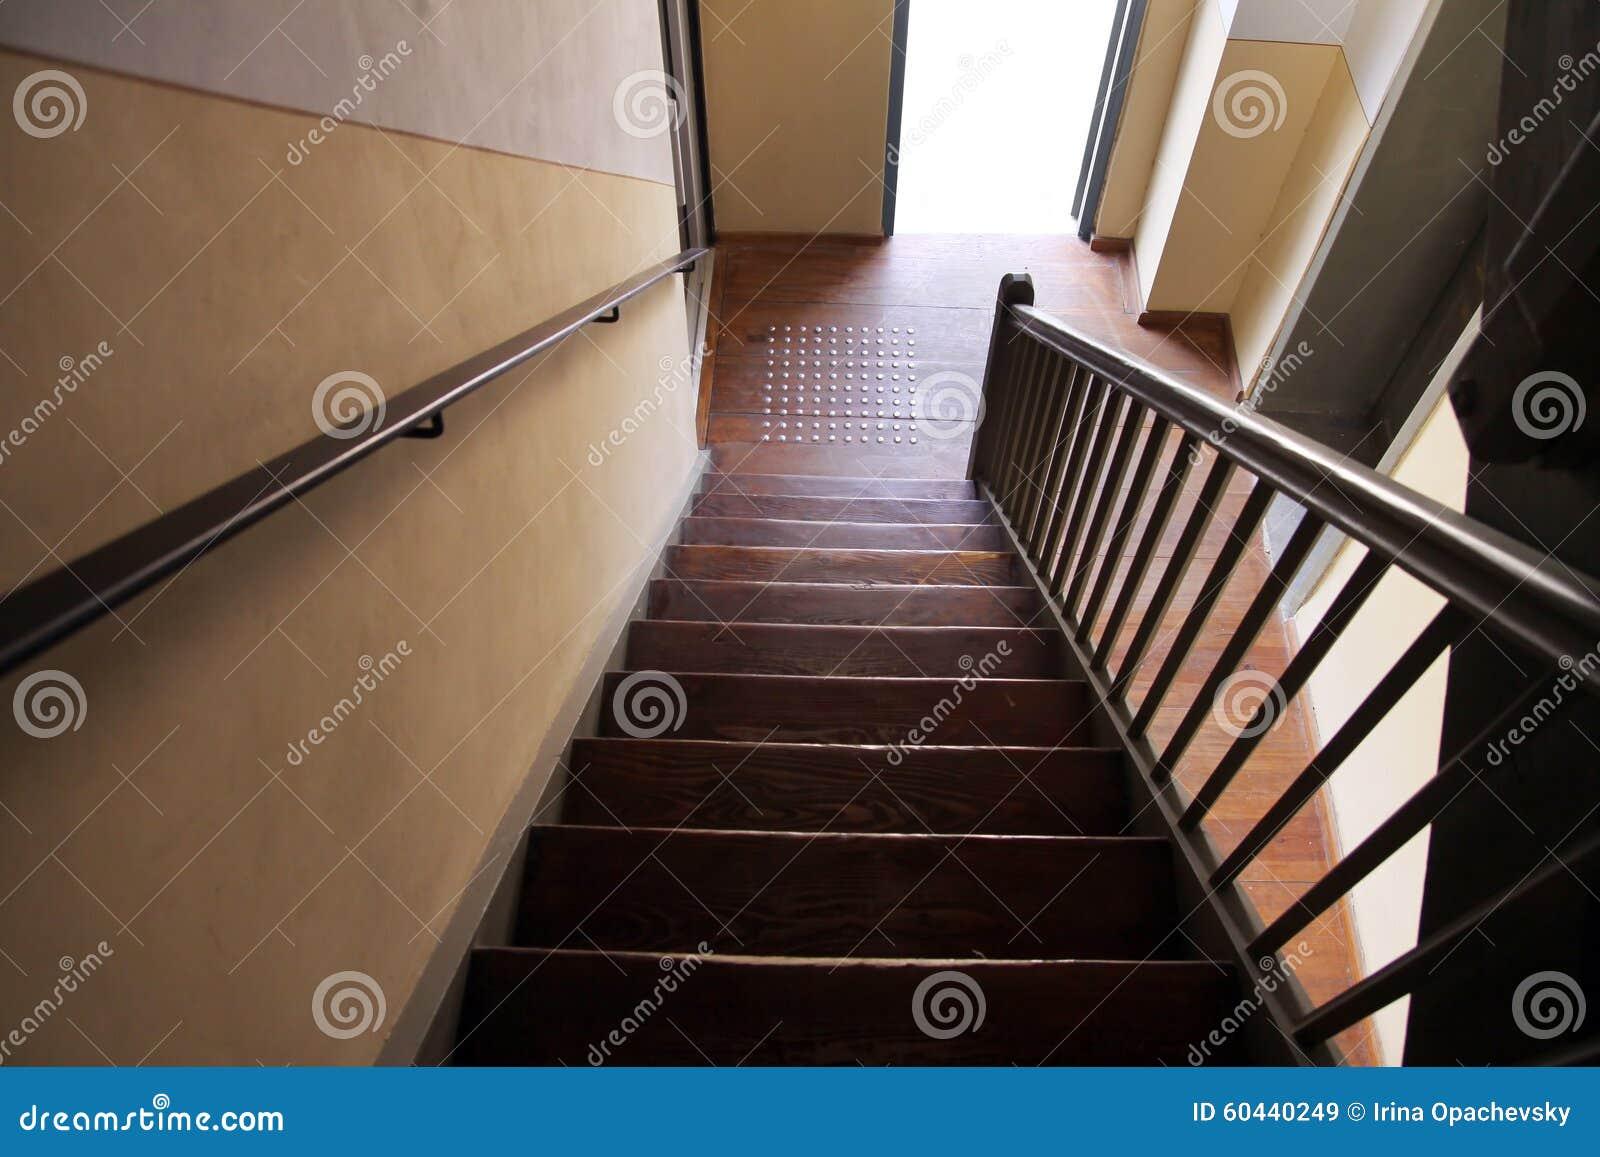 un escalier en bois dans une vieille maison photo stock image 60440249. Black Bedroom Furniture Sets. Home Design Ideas